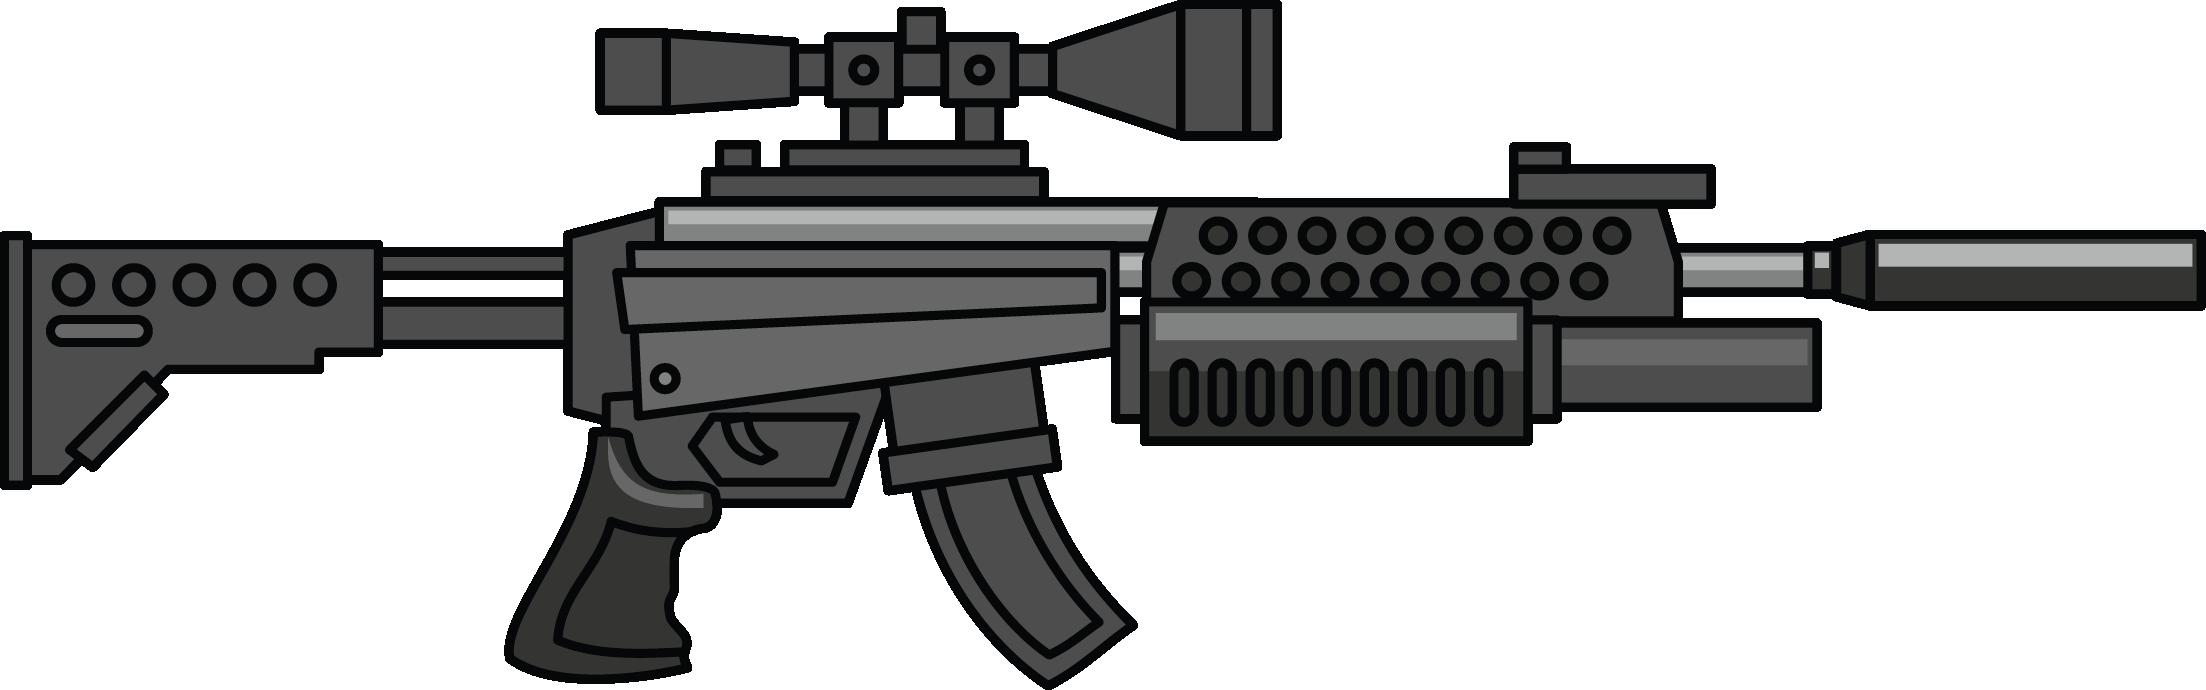 Weapon pencil and in. Clipart gun military gun